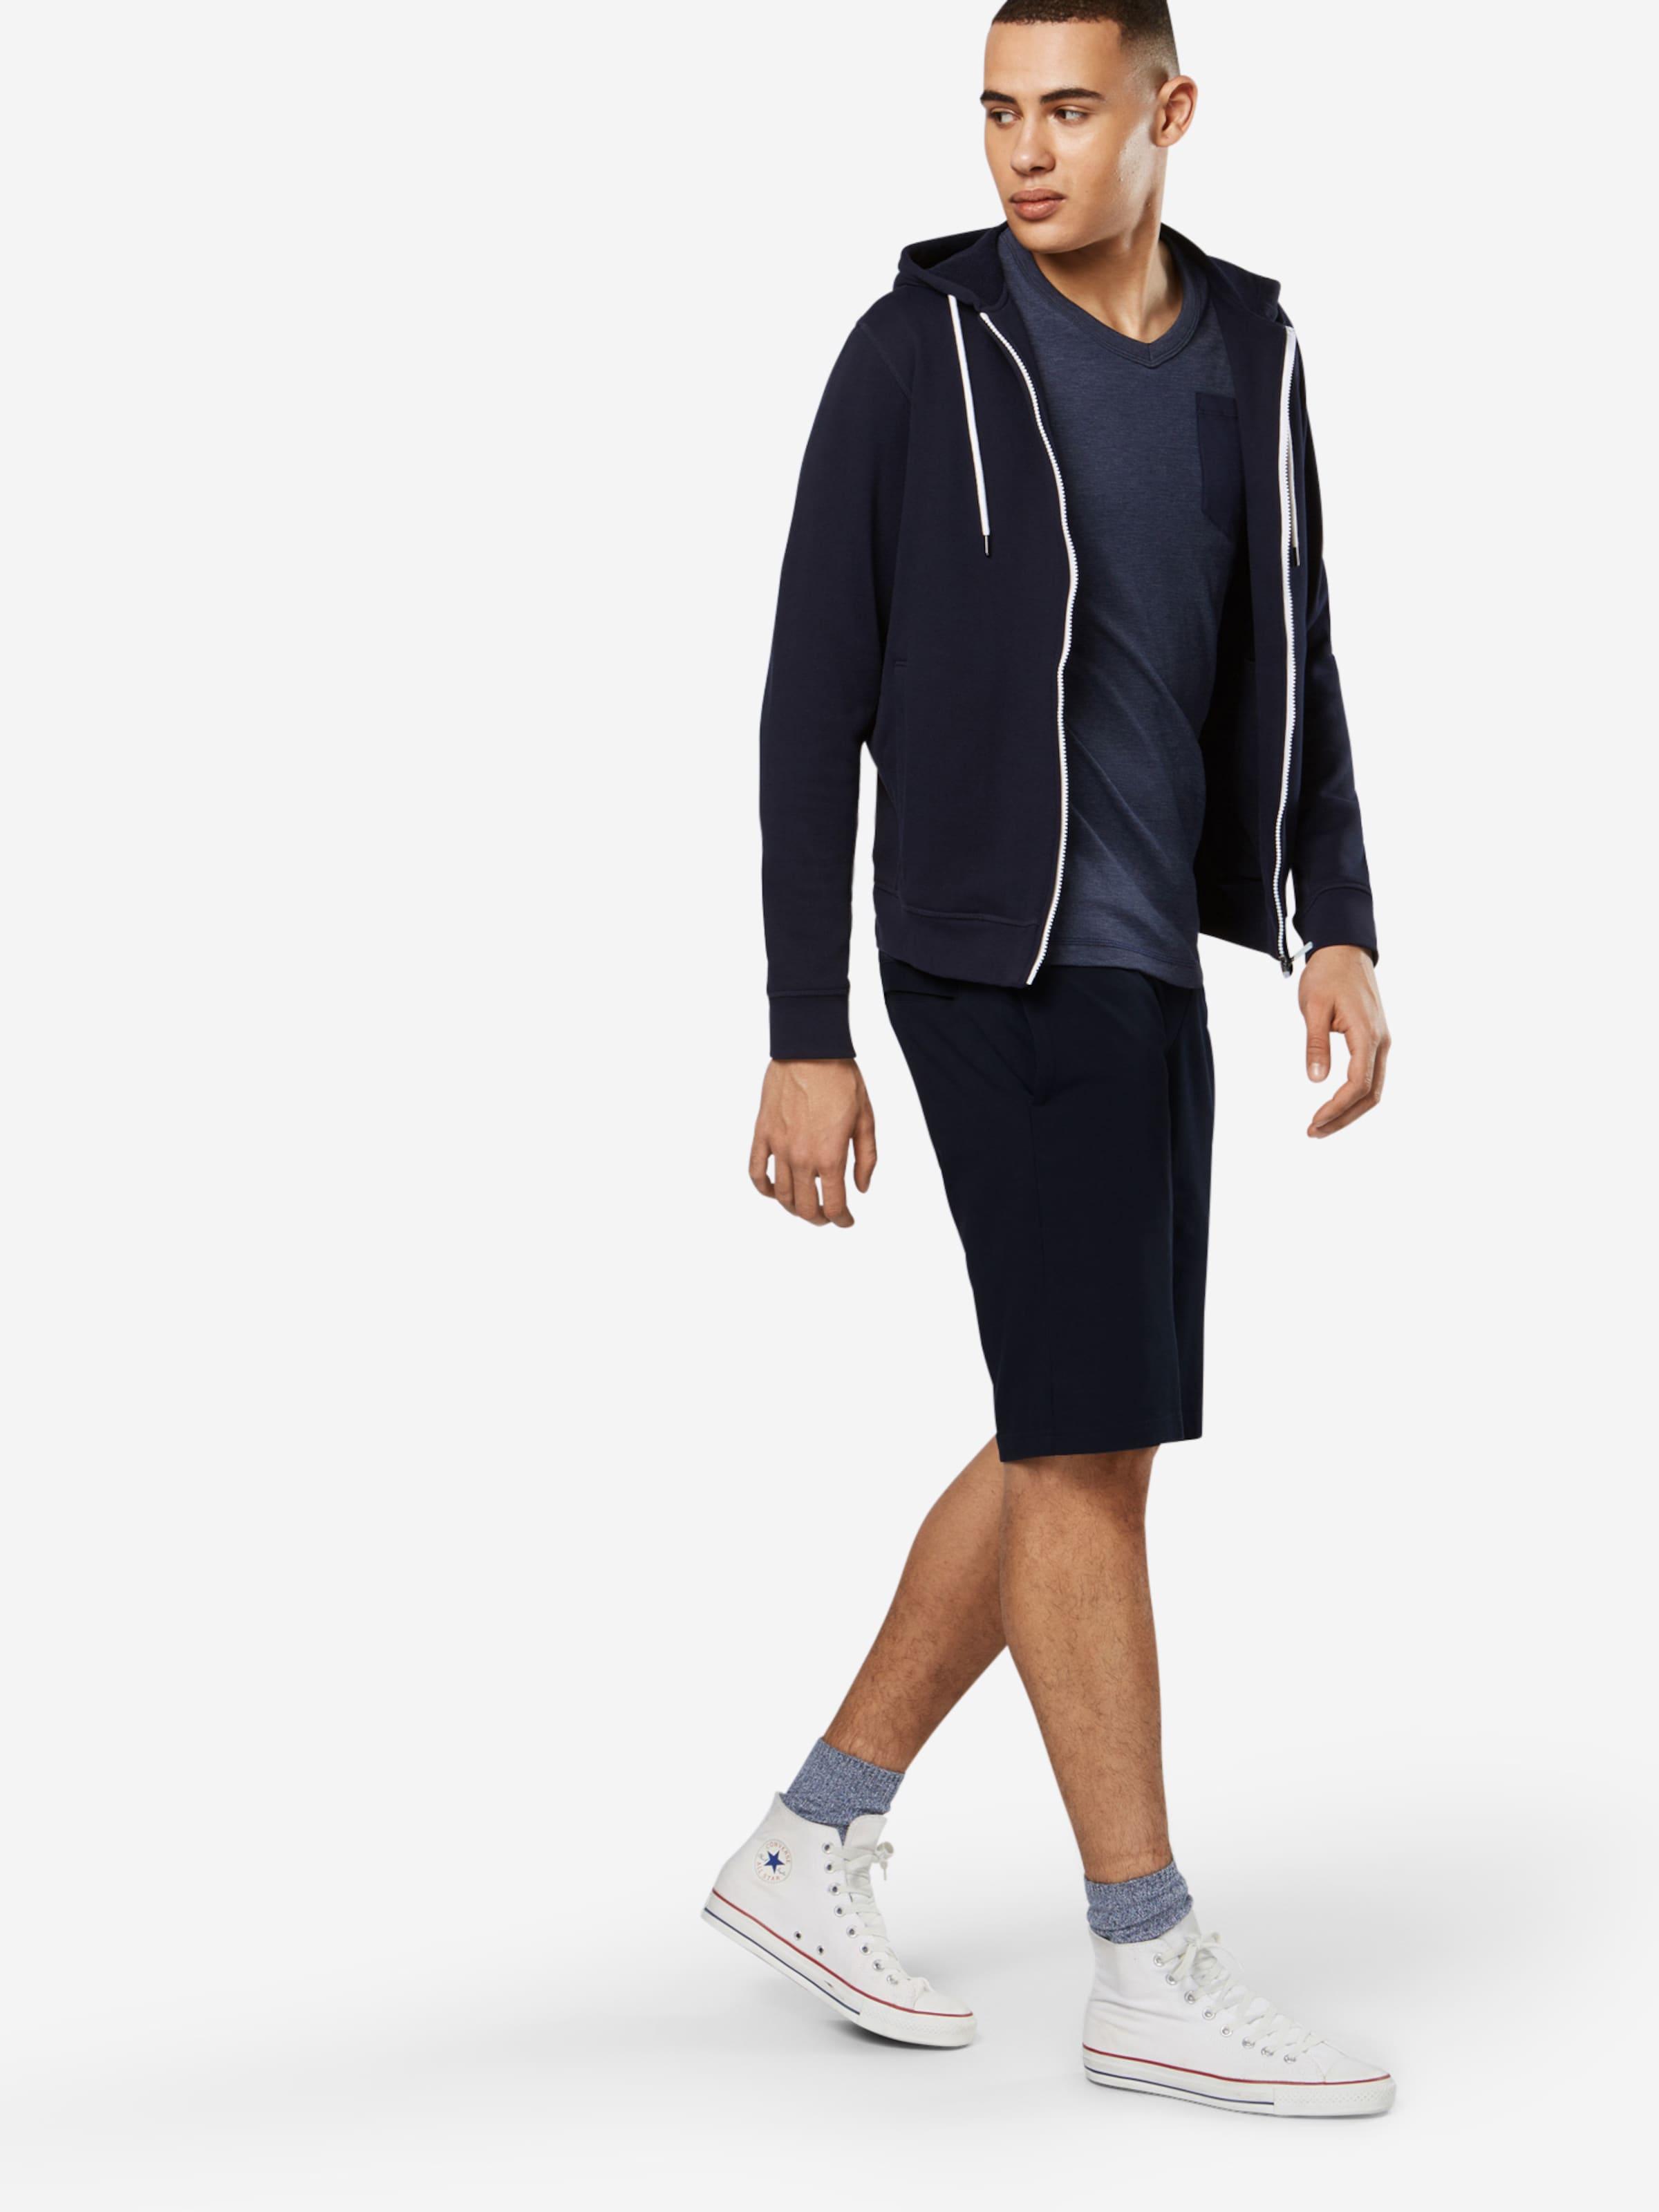 'nsw Club' Foncé Pantalon Sportswear Nike Short En Bleu Jersey H9IDWEY2